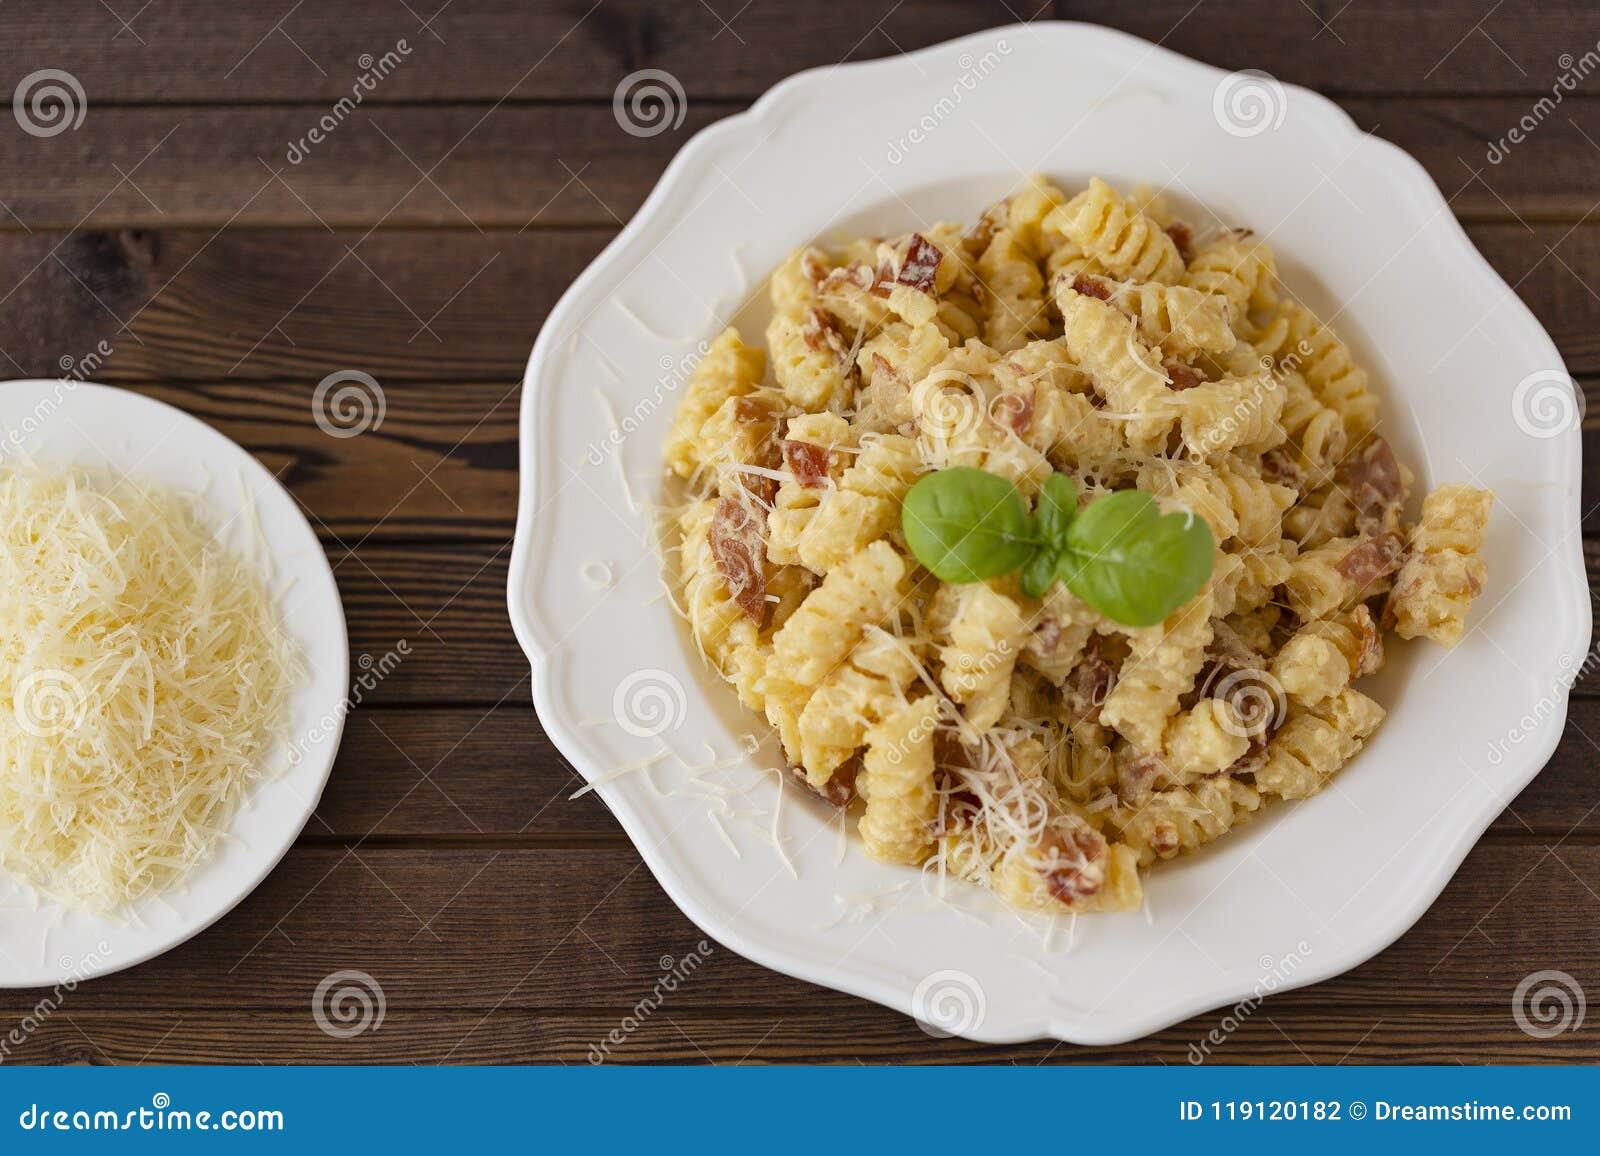 Domowej roboty makaronu carbonara włoszczyzna z bekonem, jajka, Parmezański ser na bielu talerzu na ciemnym tle